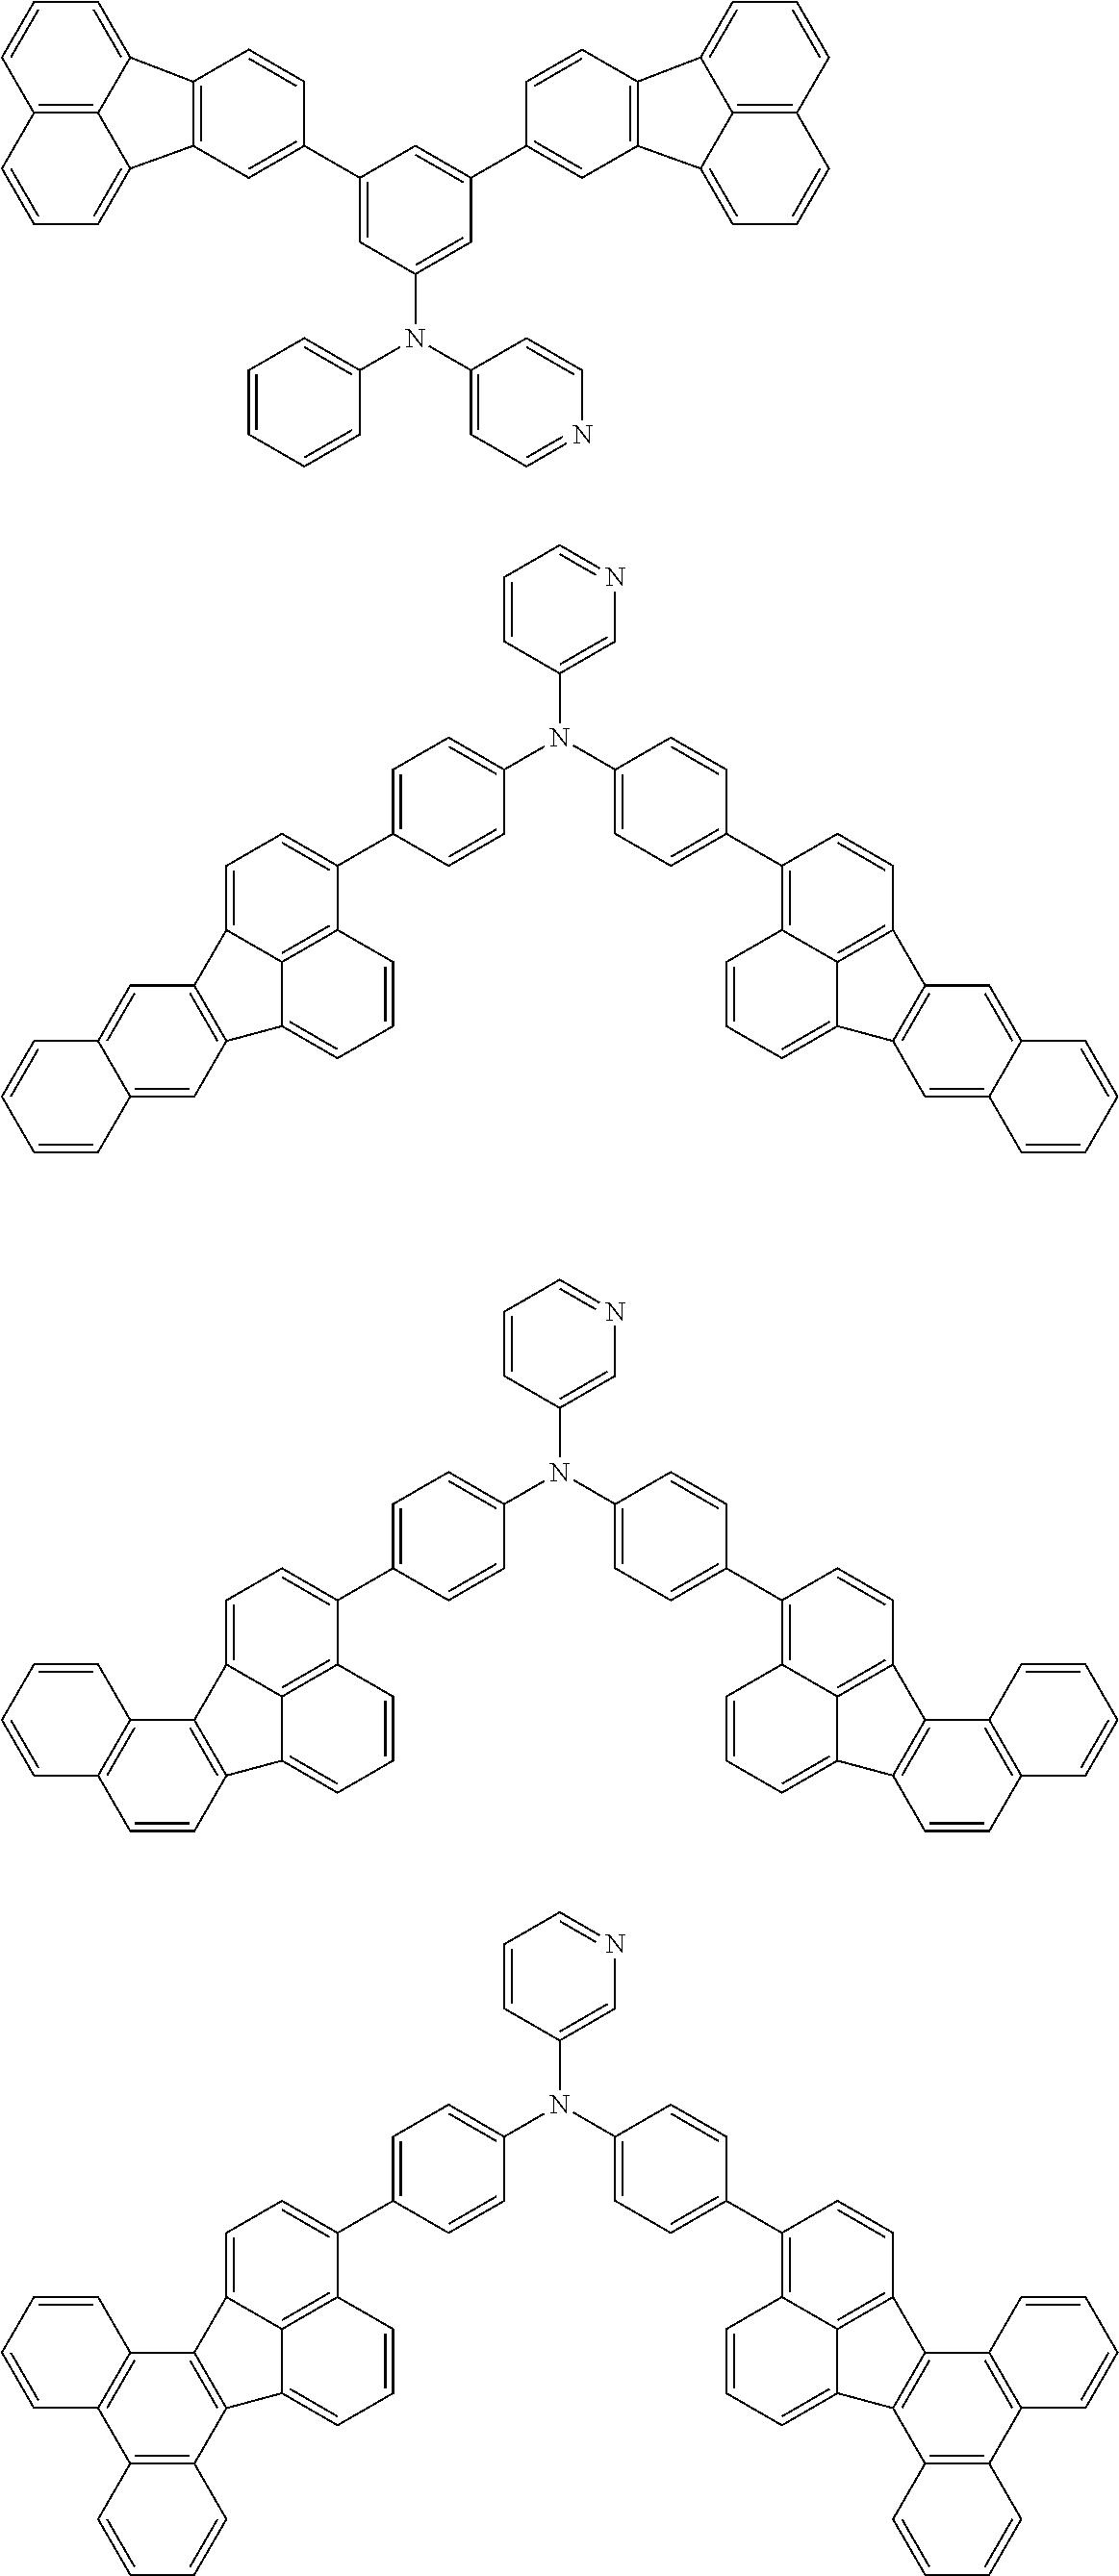 Figure US20150280139A1-20151001-C00116